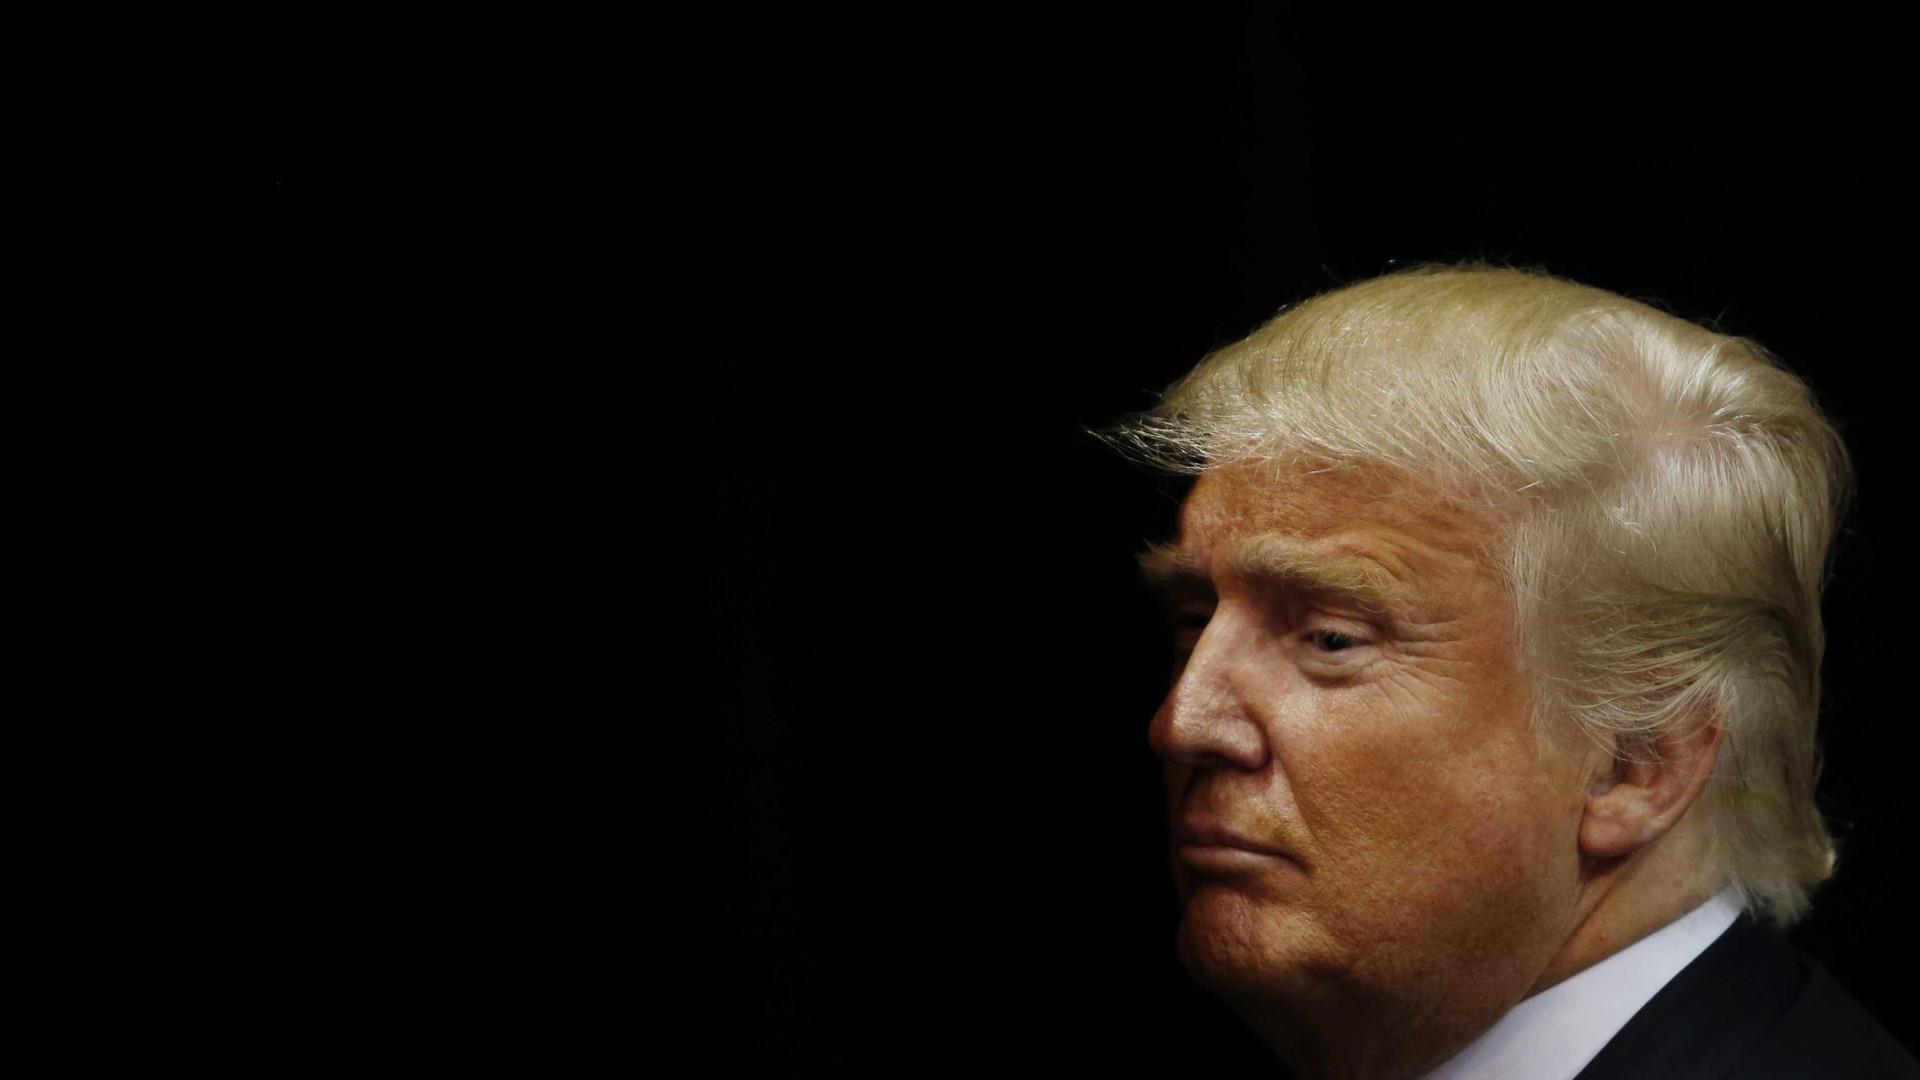 Ninguém pode impedir Trump de lançar ataque nuclear preventivo